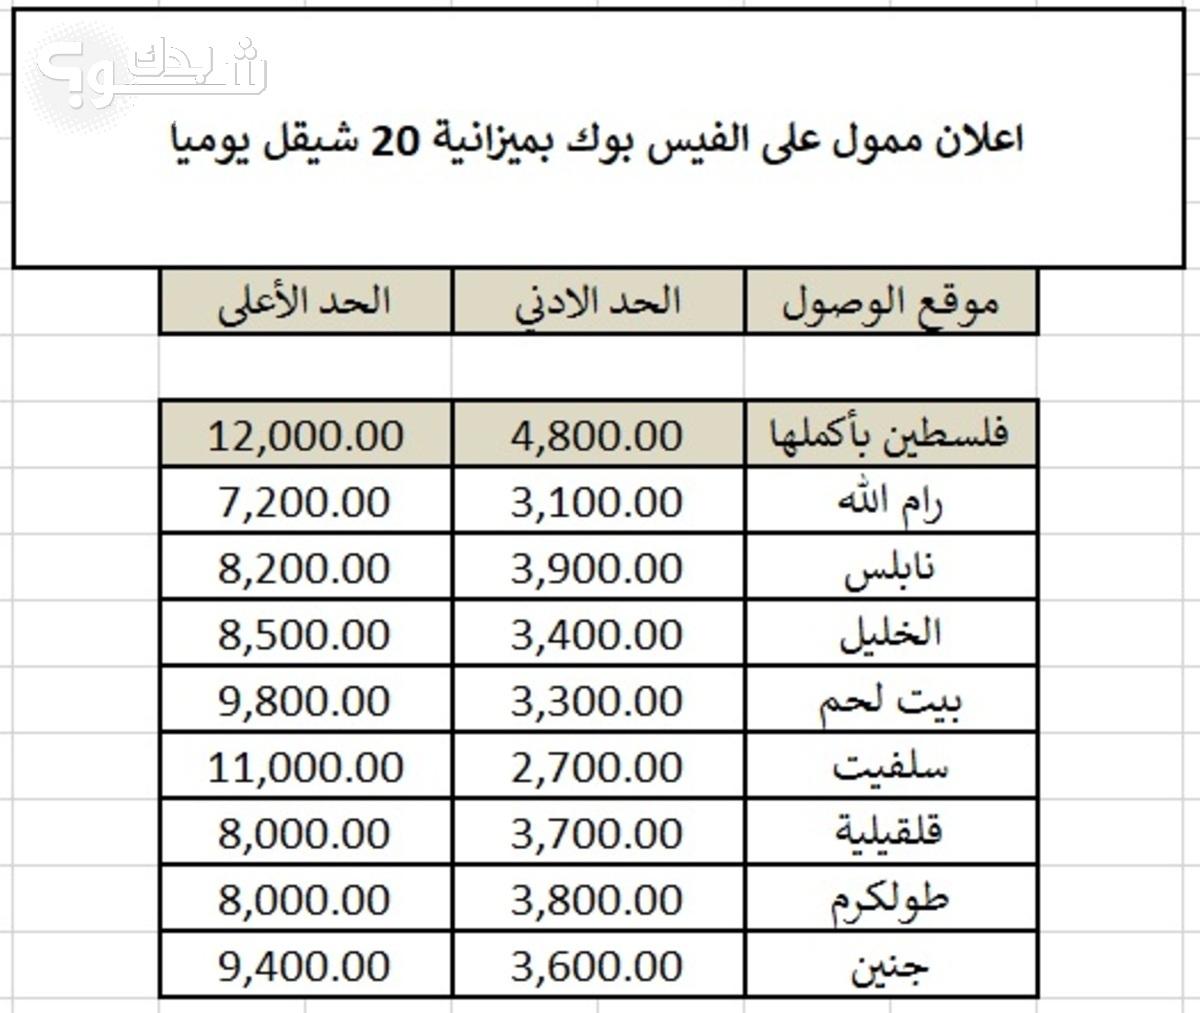 اعلان ممول على الفيس بوك بميزانة 20شيقل يوميا شو بدك من